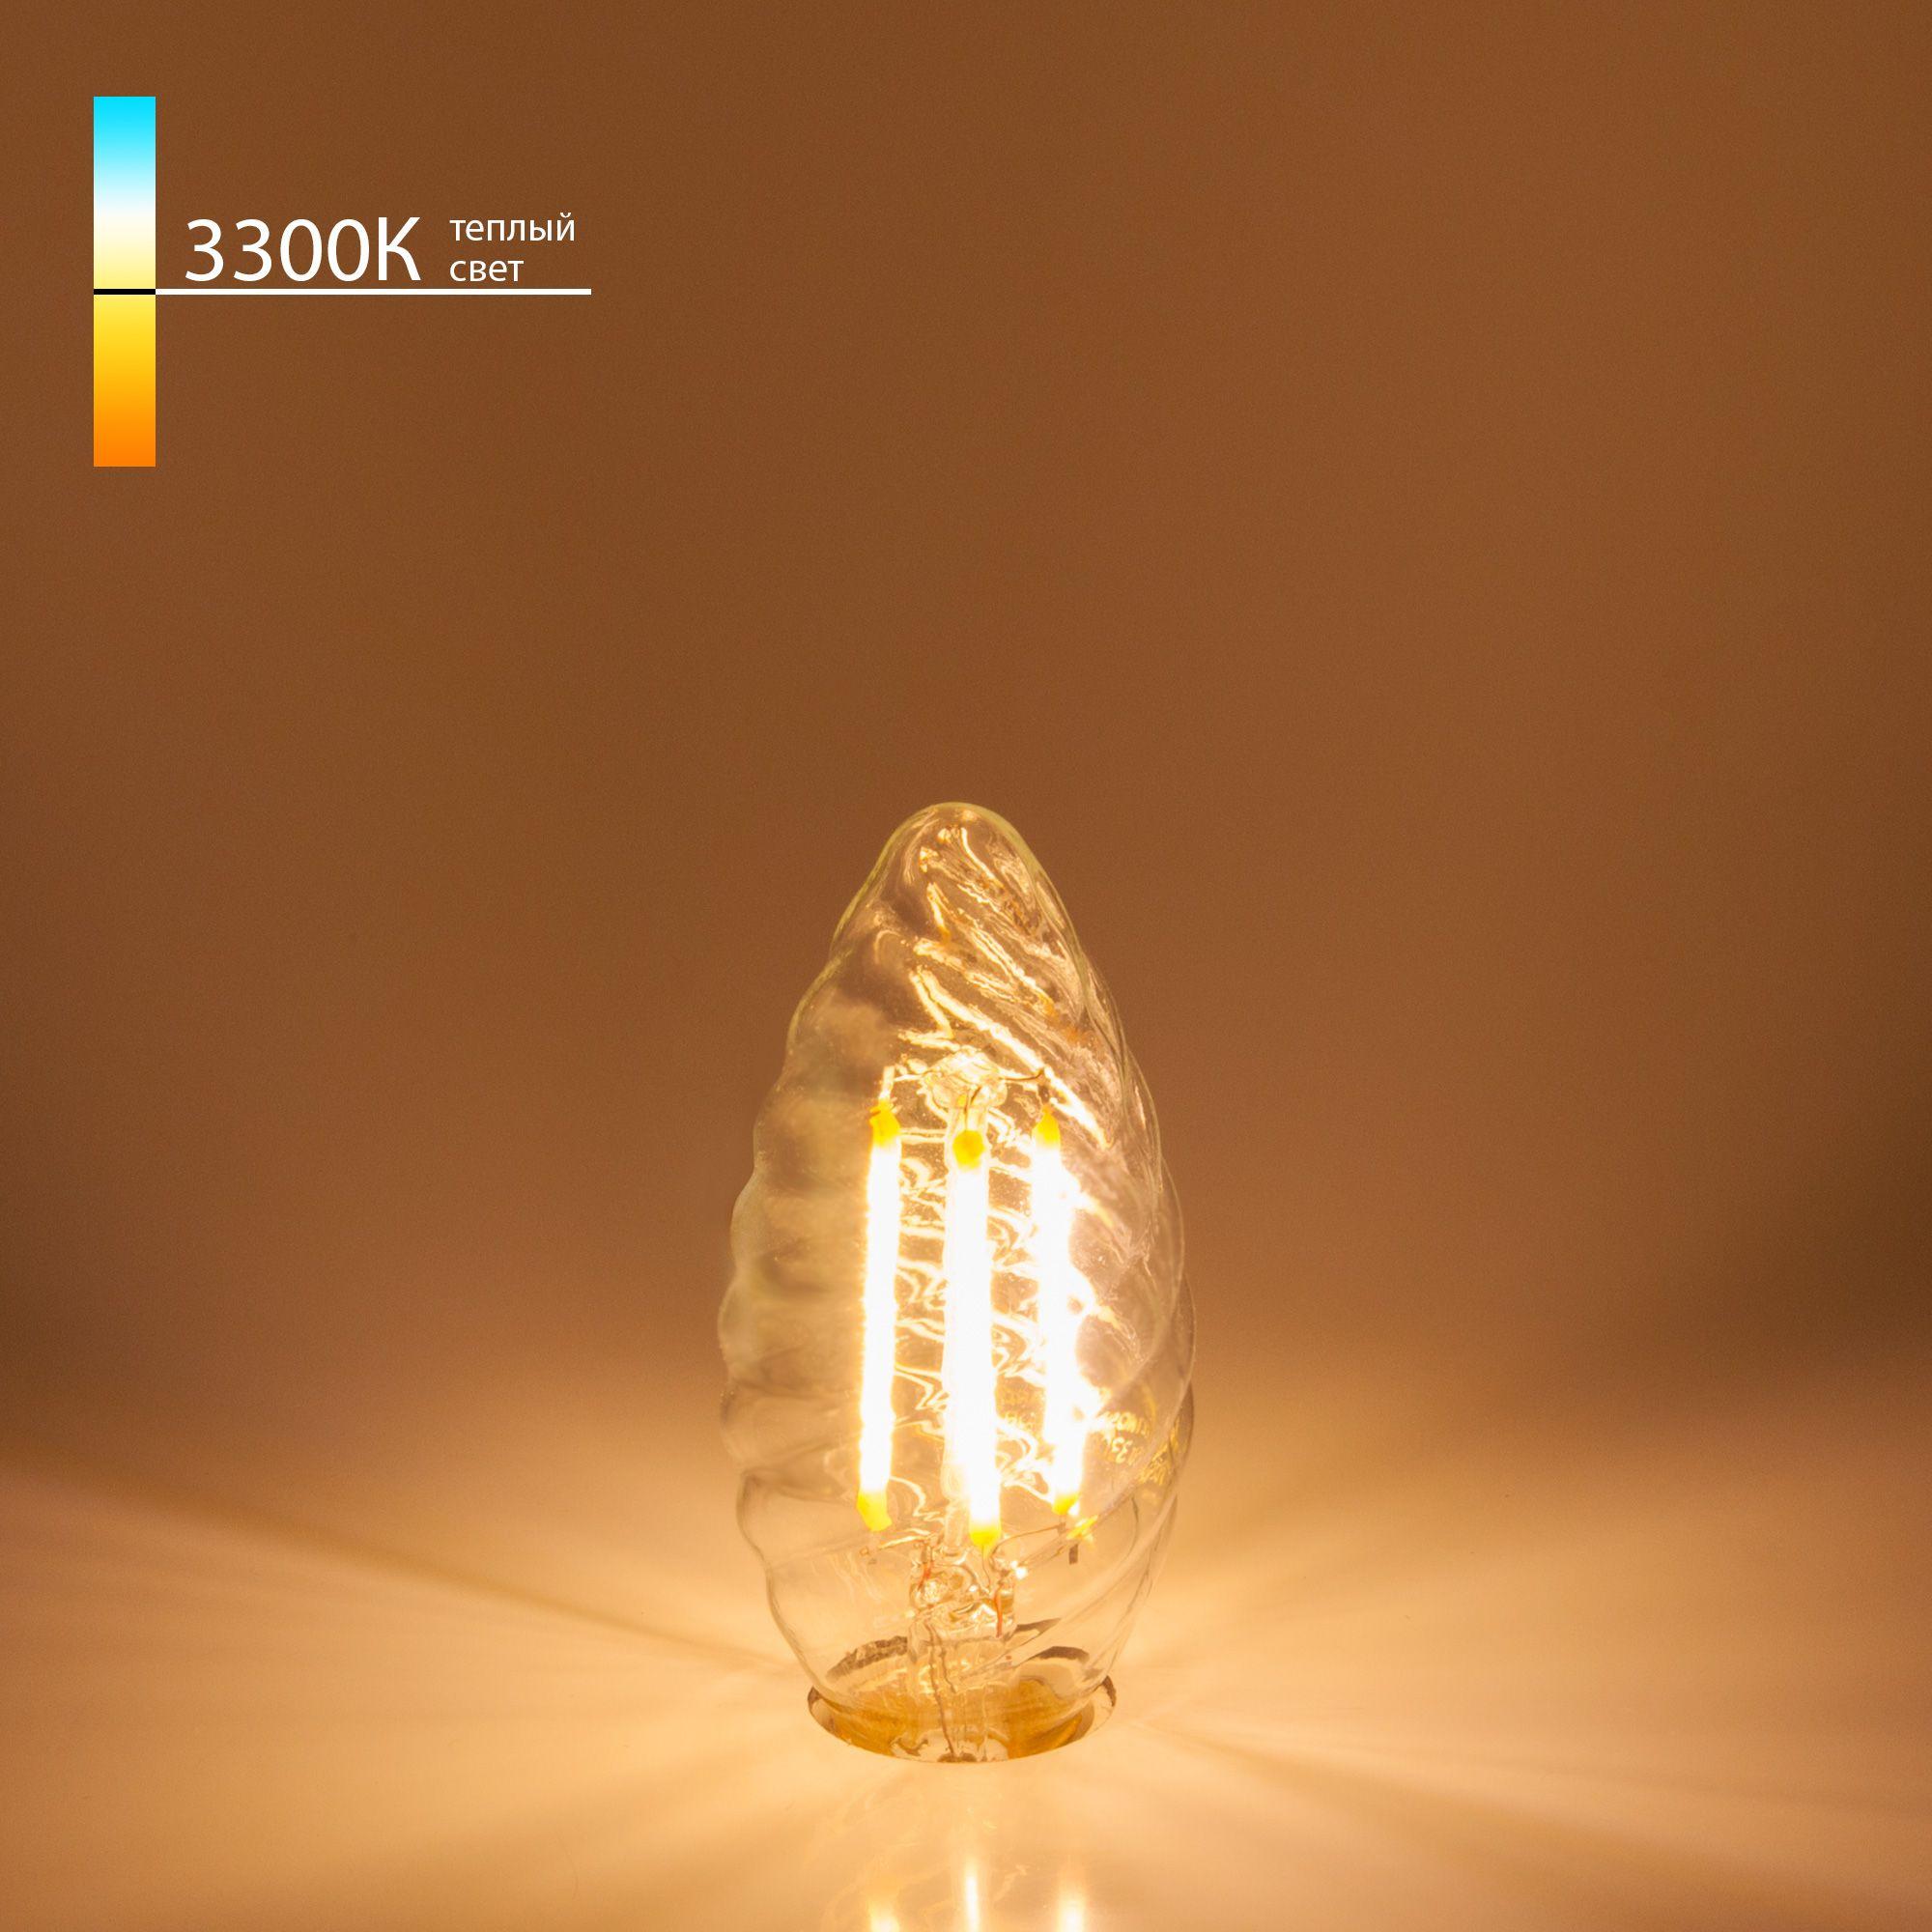 Лампа филаментная свеча Свеча витая F 7W 3300K E14